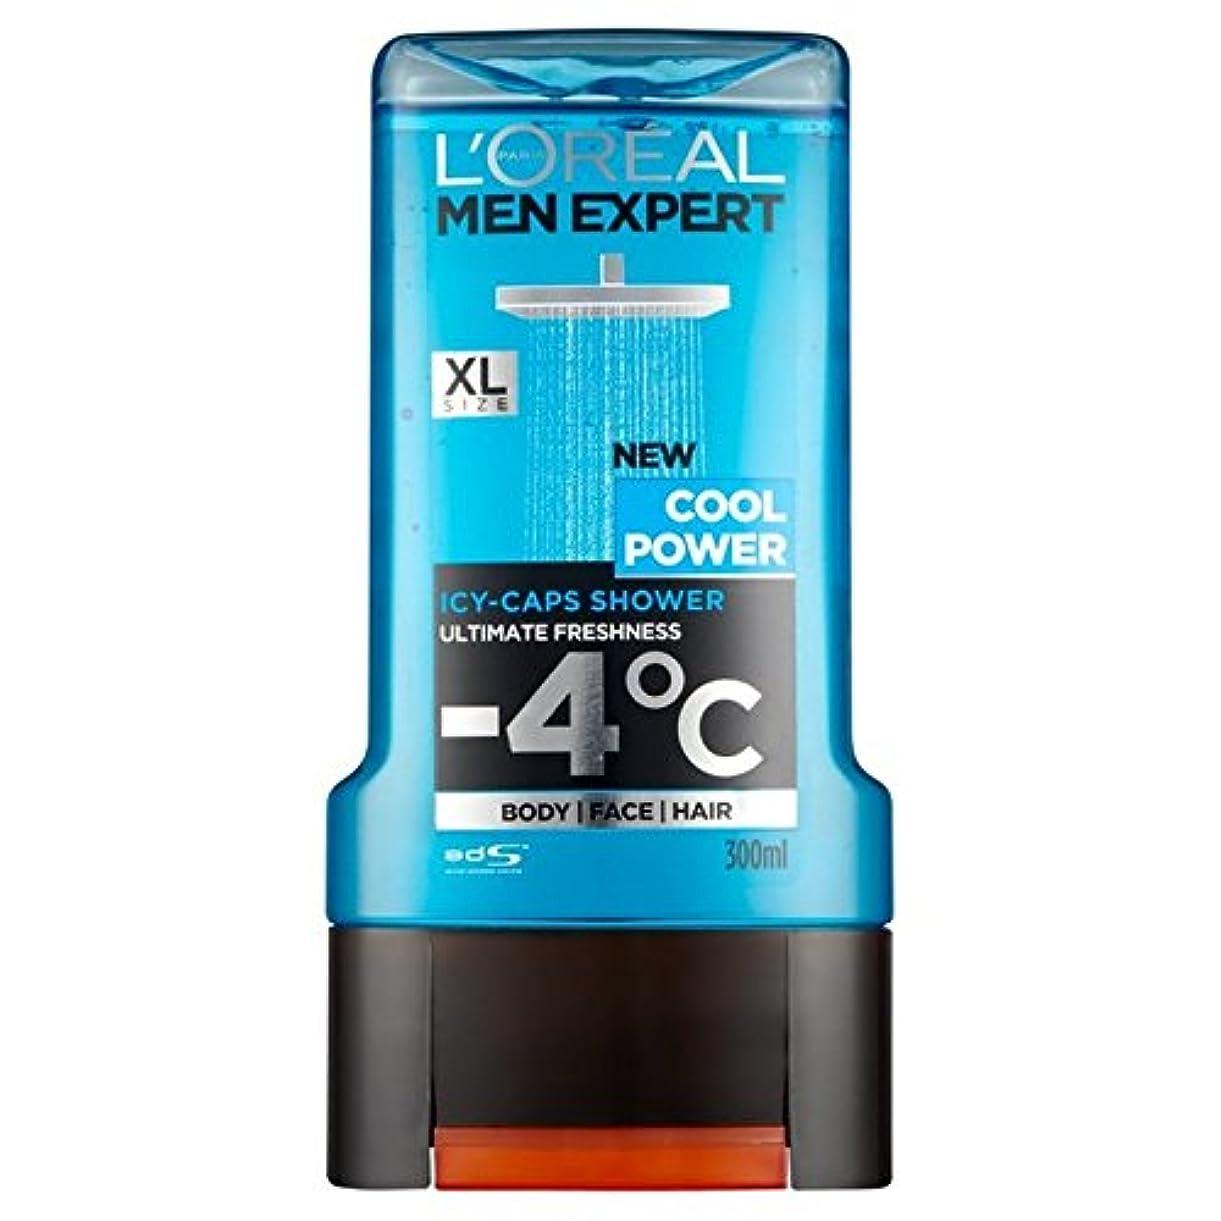 オゾンパターン名目上のL'Oreal Paris Men Expert Cool Power Shower Gel 300ml (Pack of 6) - ロレアルパリの男性の専門家のクールなパワーシャワージェル300ミリリットル x6 [並行輸入品]